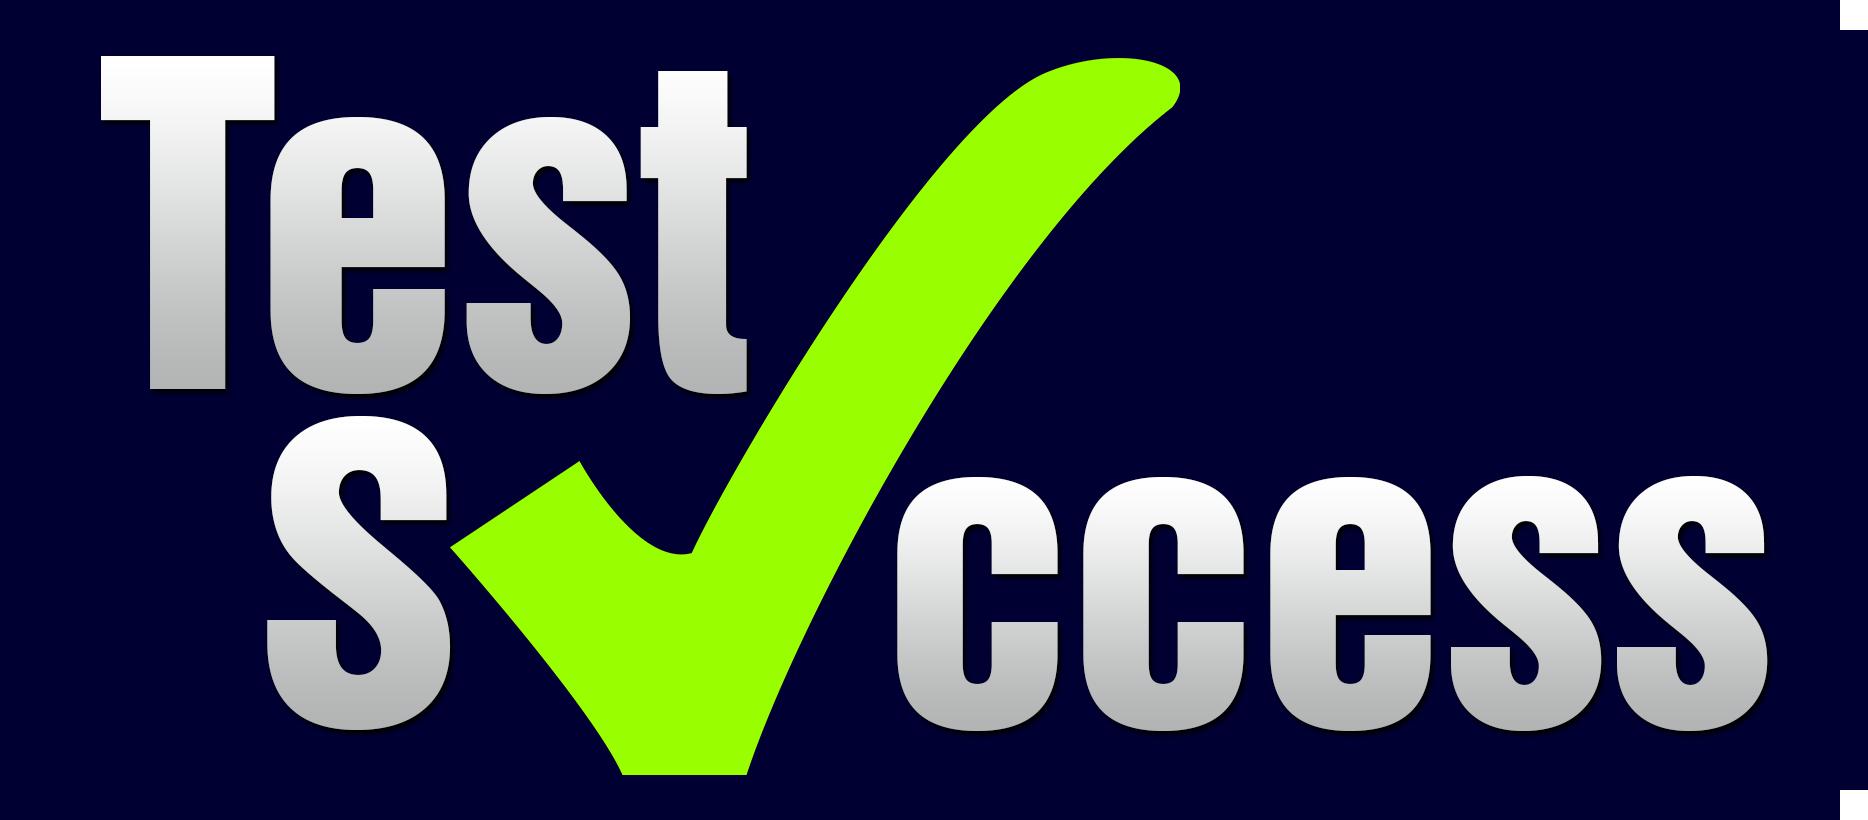 TestSuccess logo1